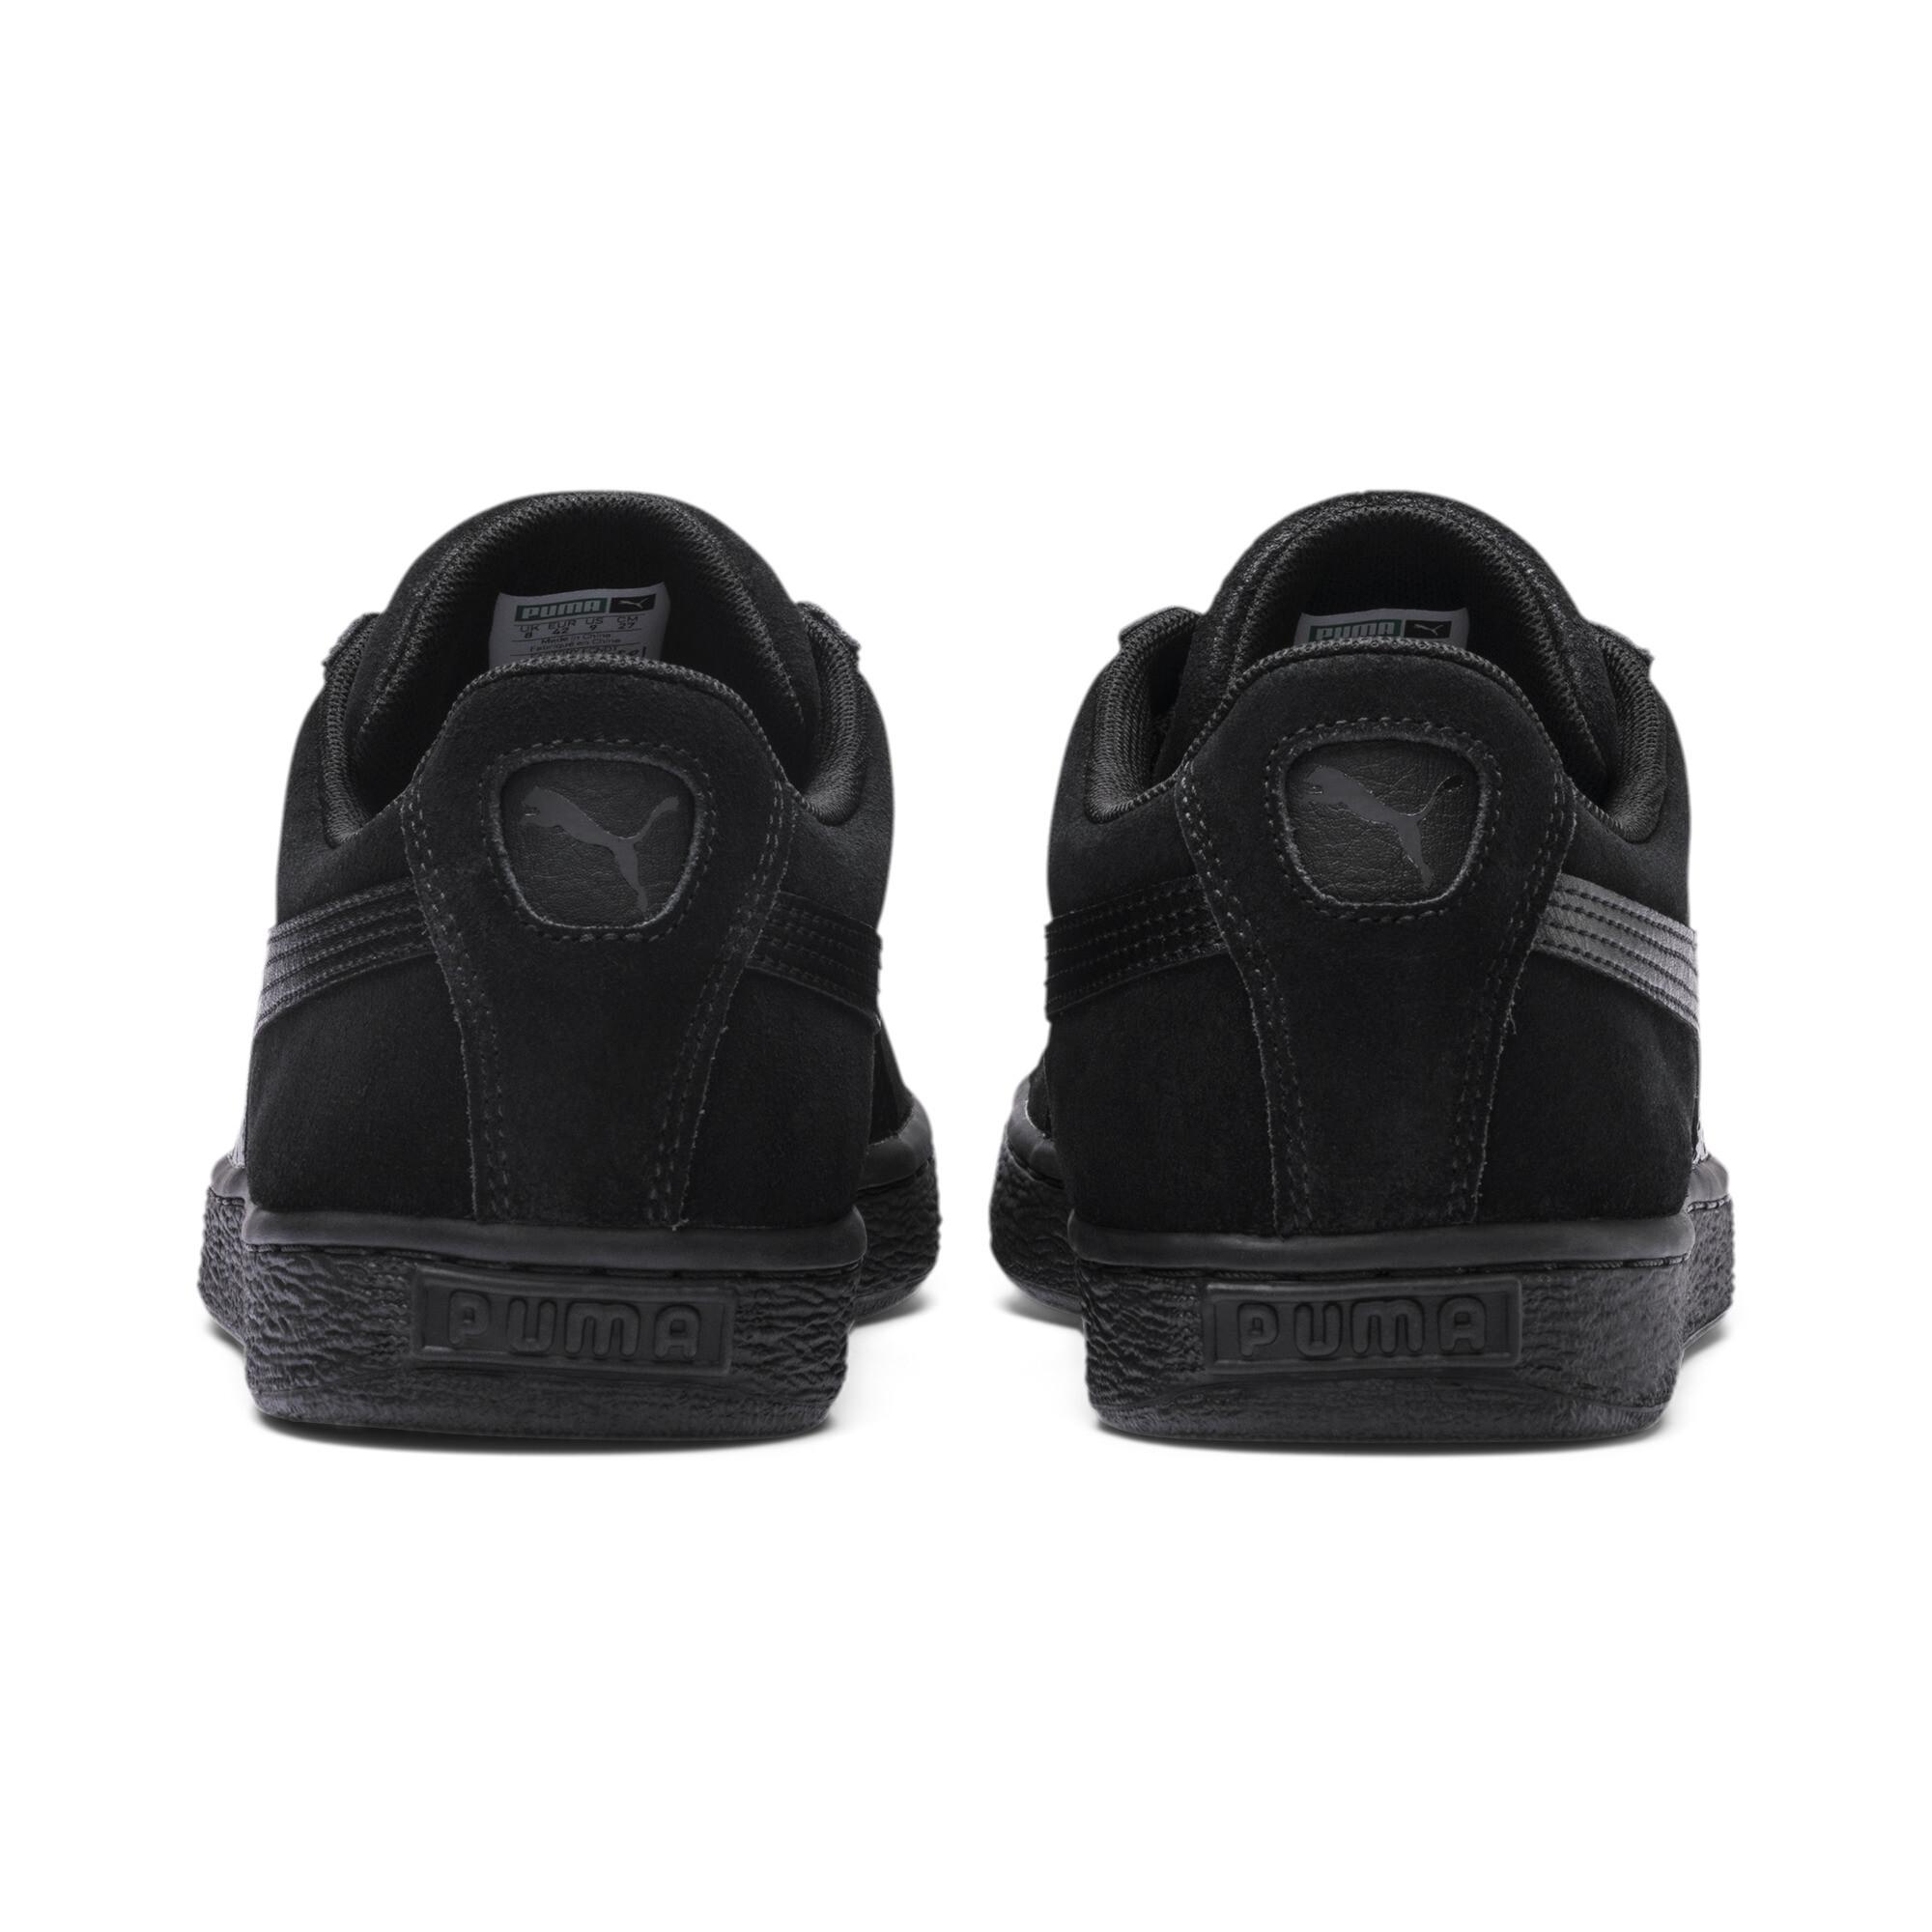 PUMA-Suede-Classic-LFS-Men-039-s-Sneakers-Men-Shoe-Casual-Shoe thumbnail 3